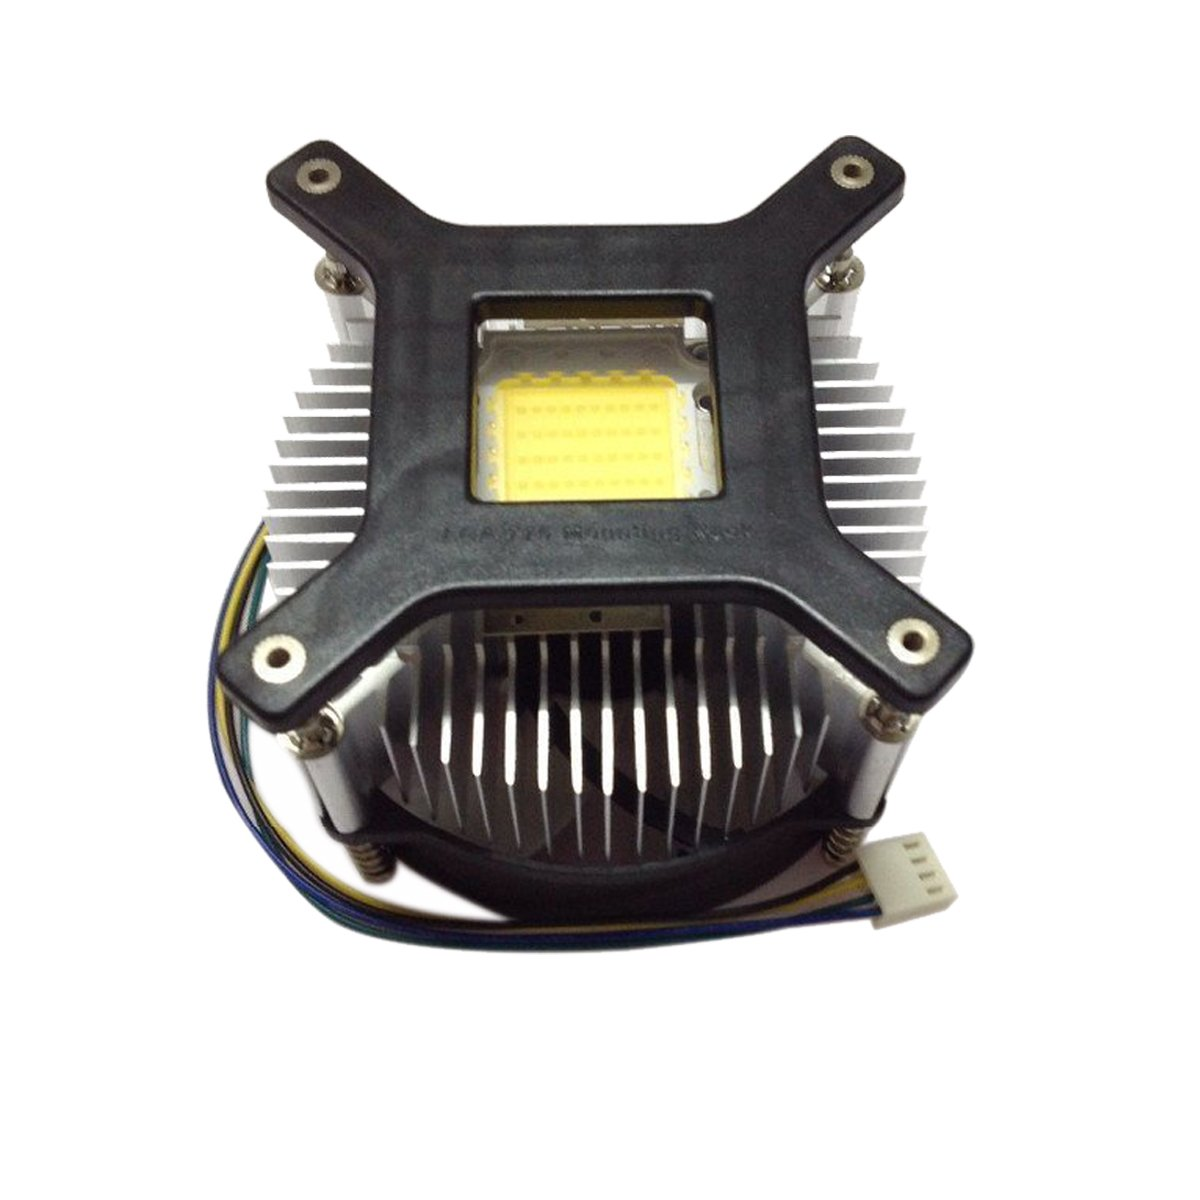 LED Fan Heatsink Radiator DC 12V For 50W 100W High Power LED Light and Chip